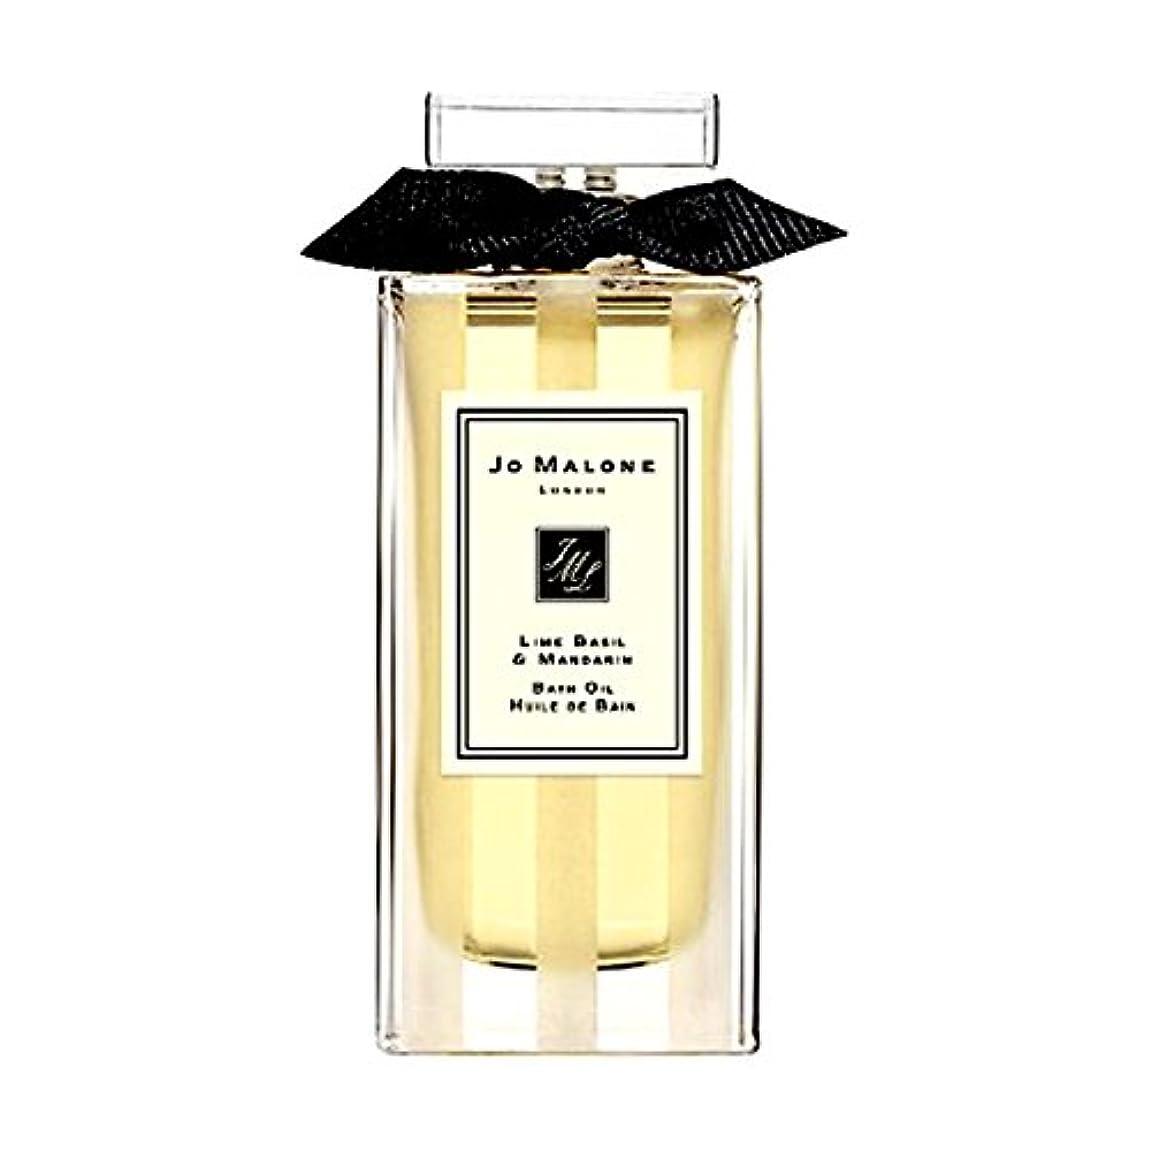 ペストリー部秘密のJo Maloneジョーマローン, バスオイル -ライムバジル&マンダリン (30ml),' Lime Basil & Mandarin' Bath Oil (1oz) [海外直送品] [並行輸入品]